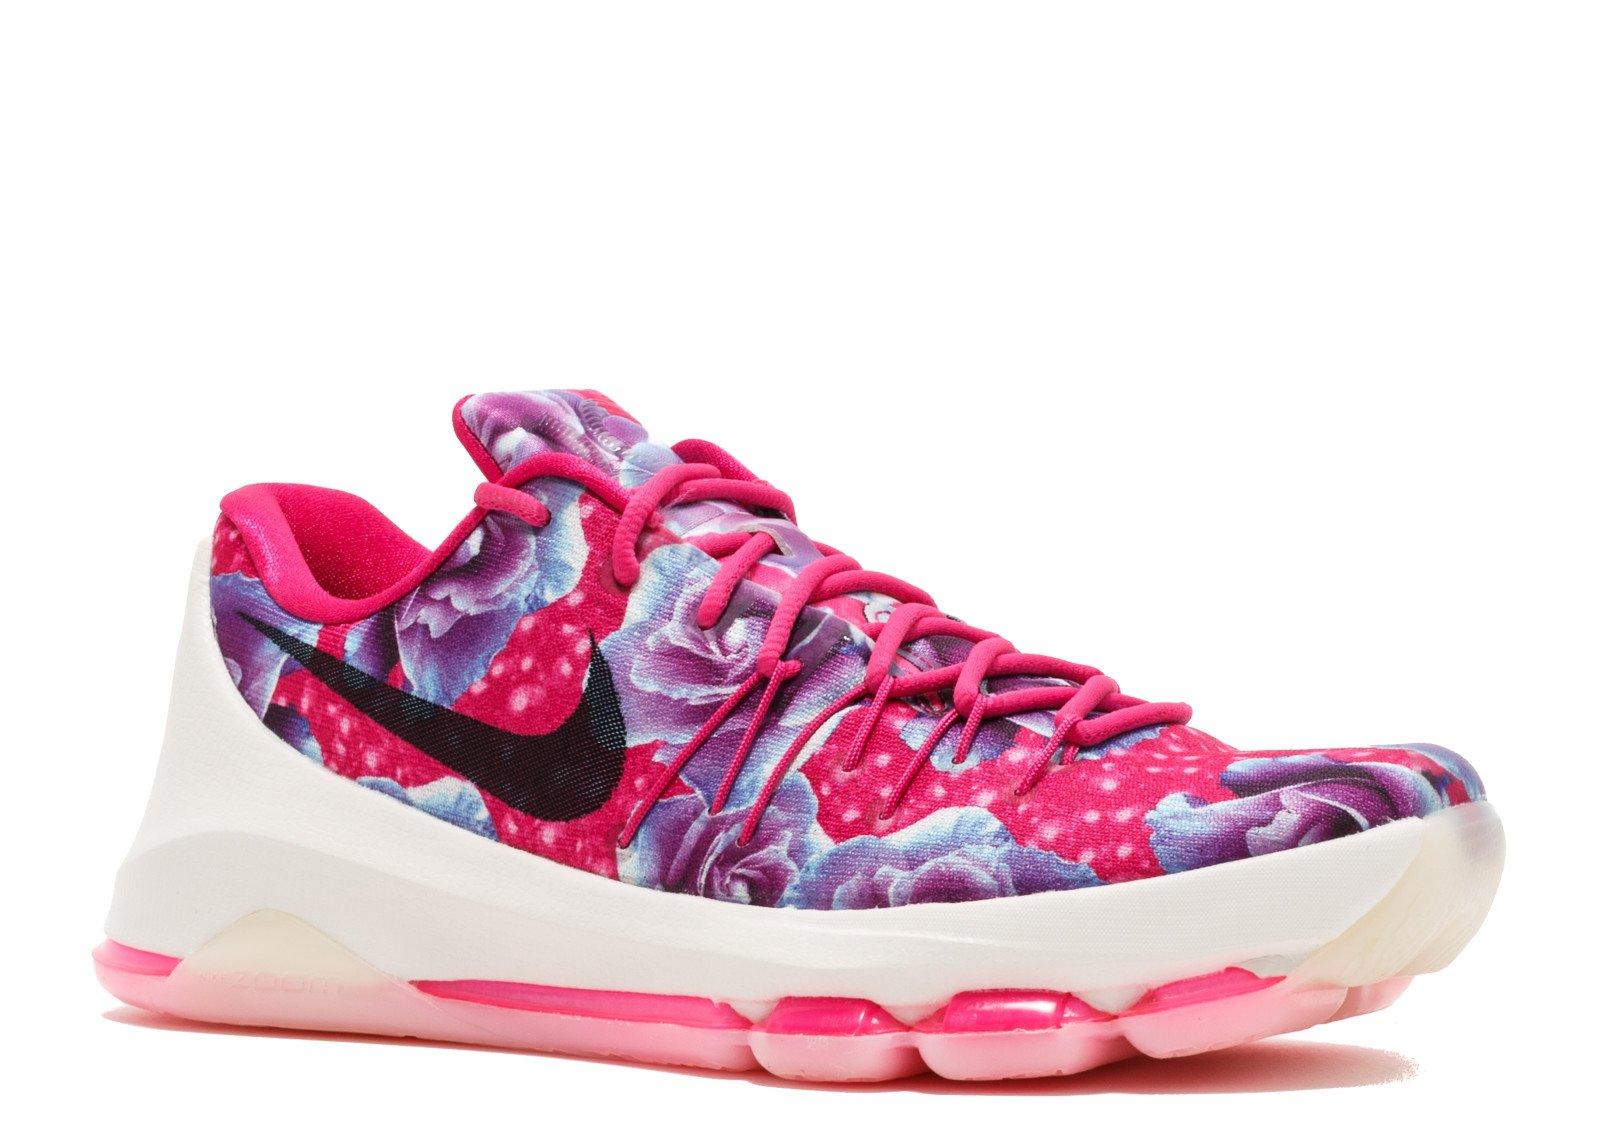 Nike KD 8 Premium GS (Aunt Pearl) Vivid